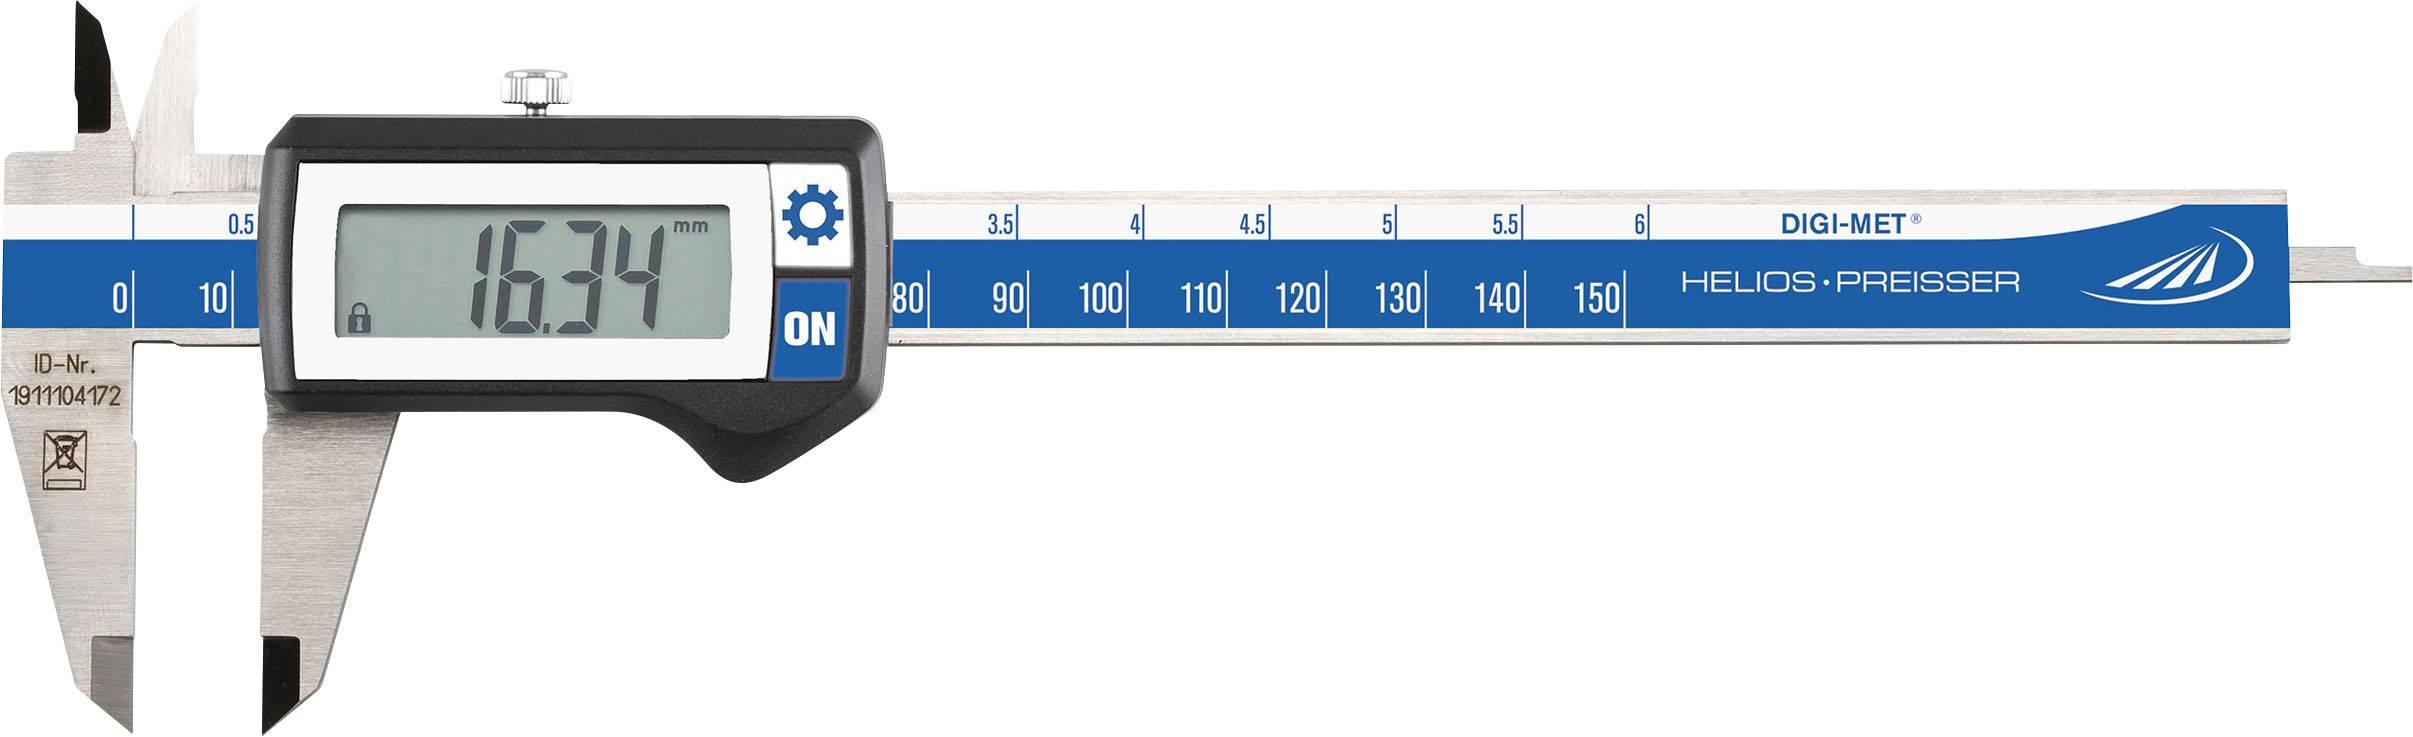 Digitální posuvné měřítko Helios Preisser DIGI-MET 1320 417, měřicí rozsah 150 mm